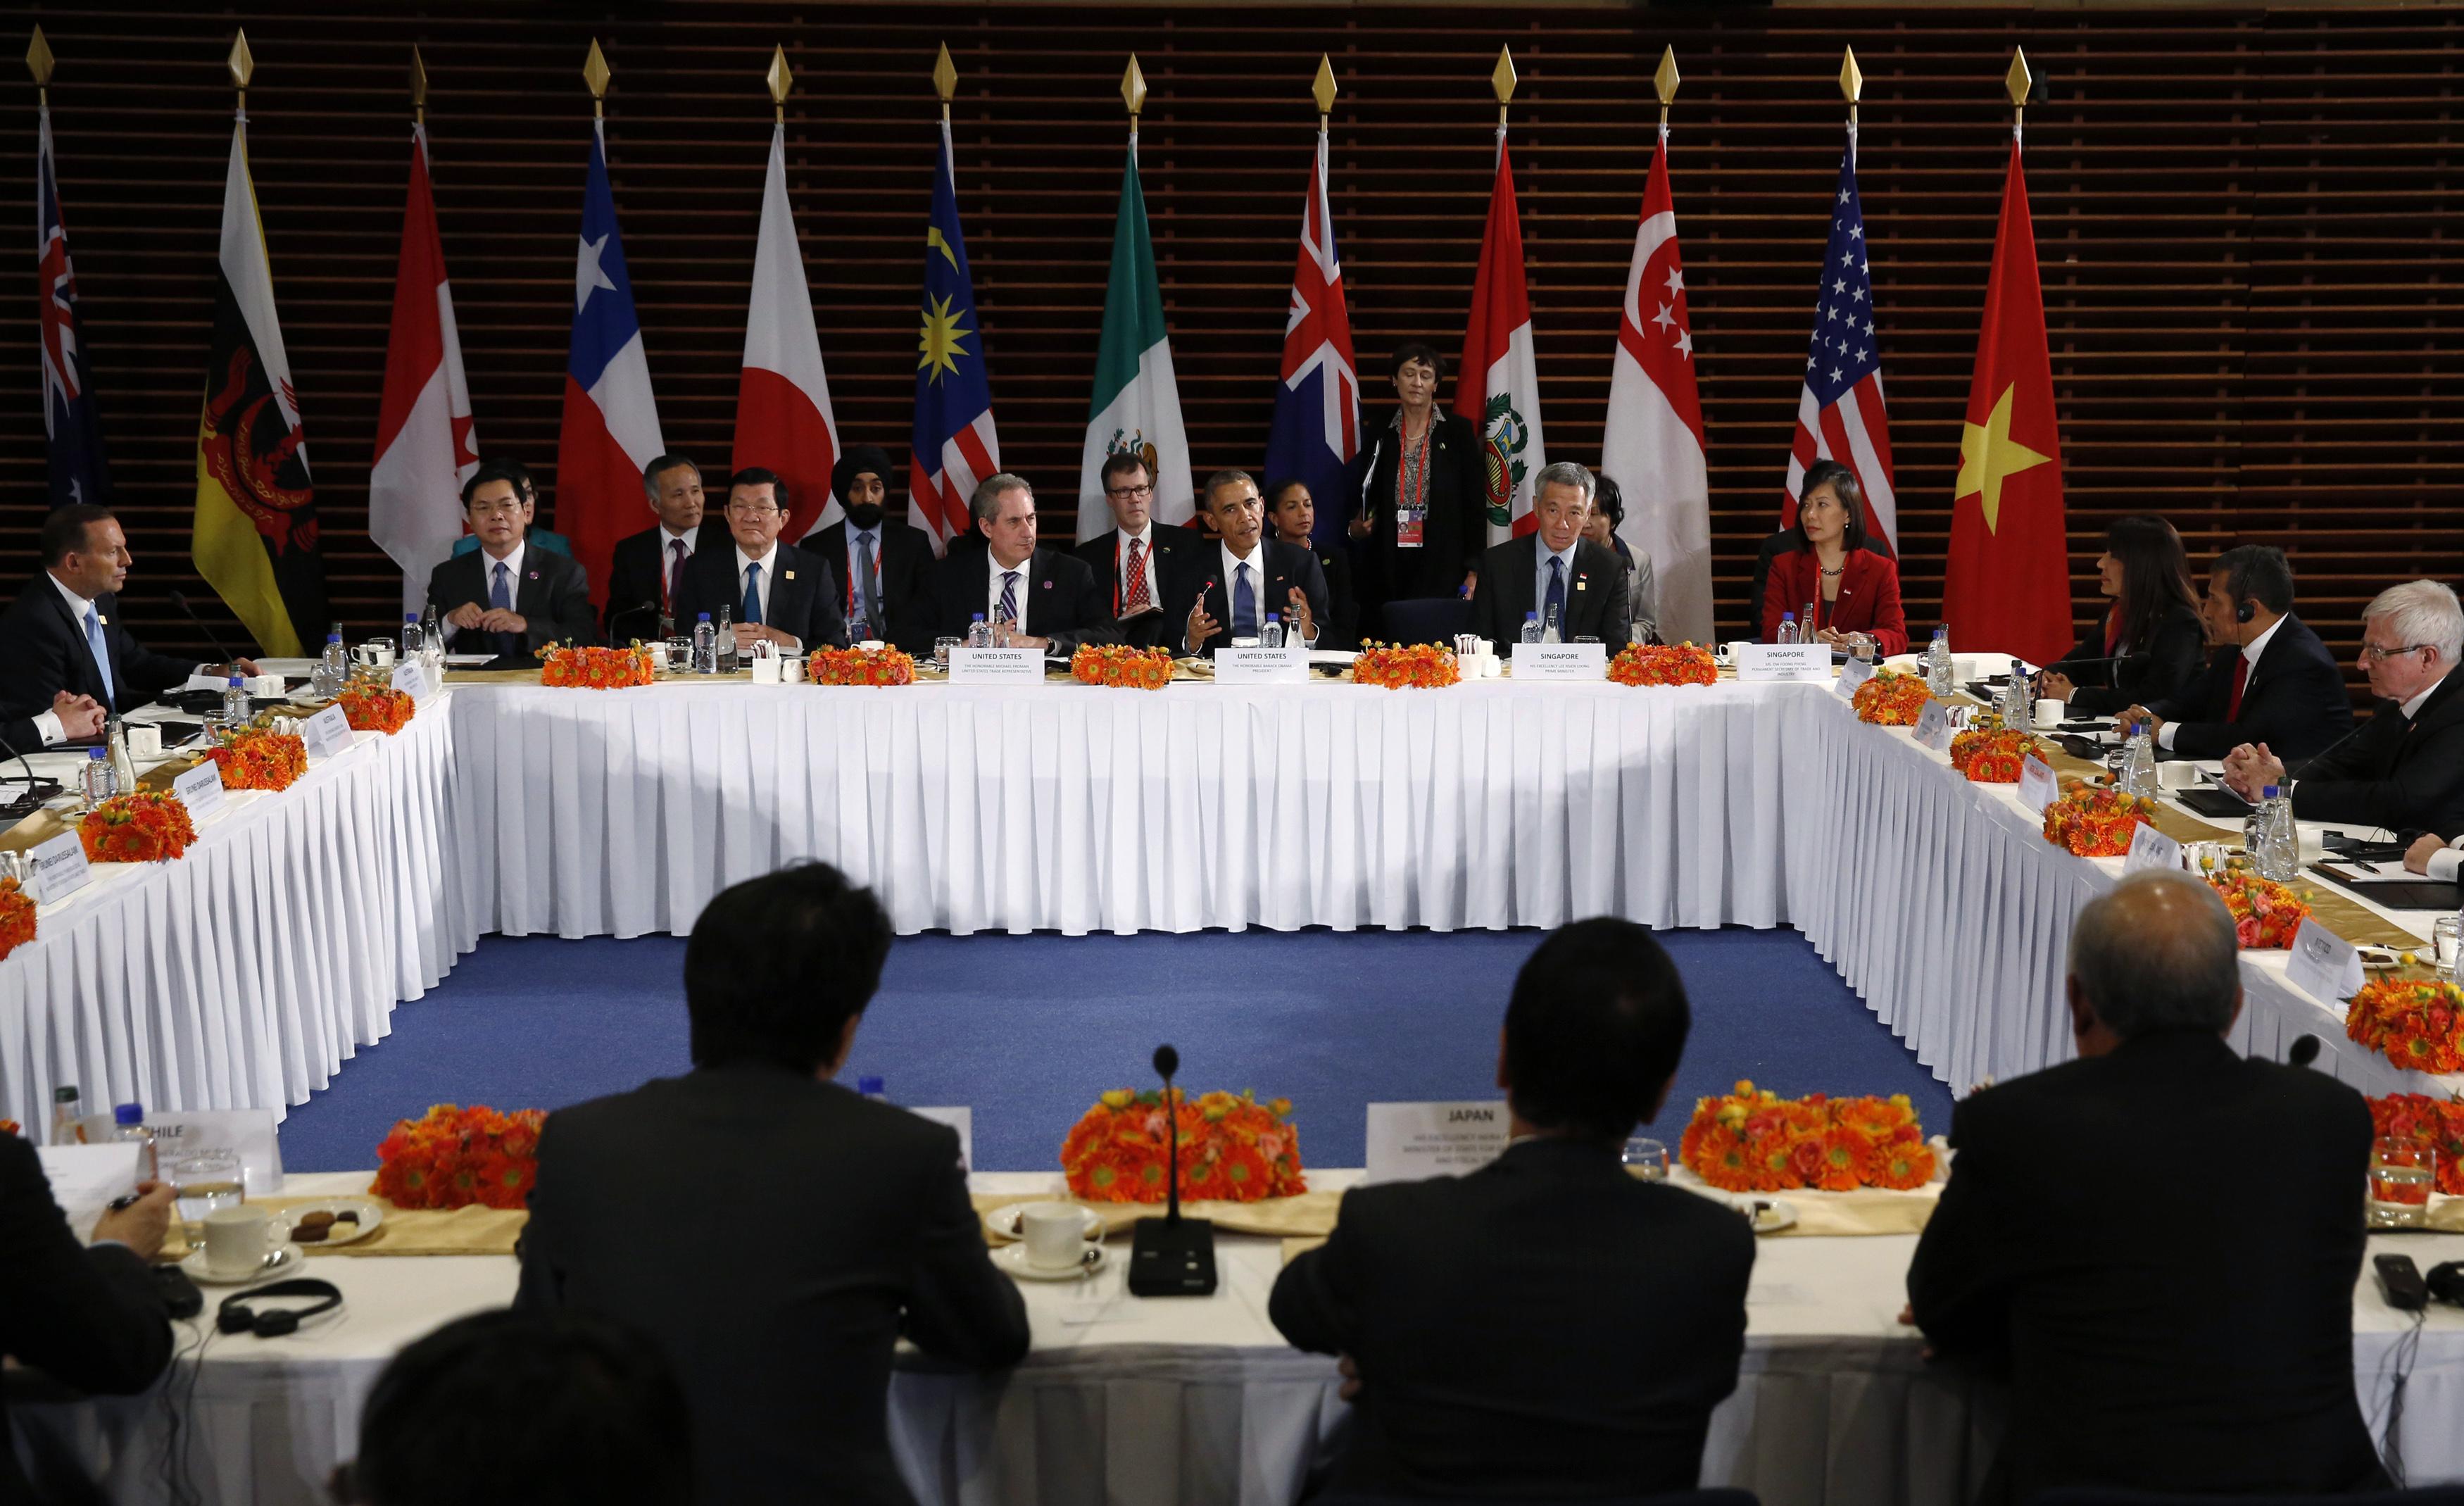 Đàm phán TPP kết thúc sau 5 năm là một trong những sự kiện kinh tế thế giới nổi bật năm 2015